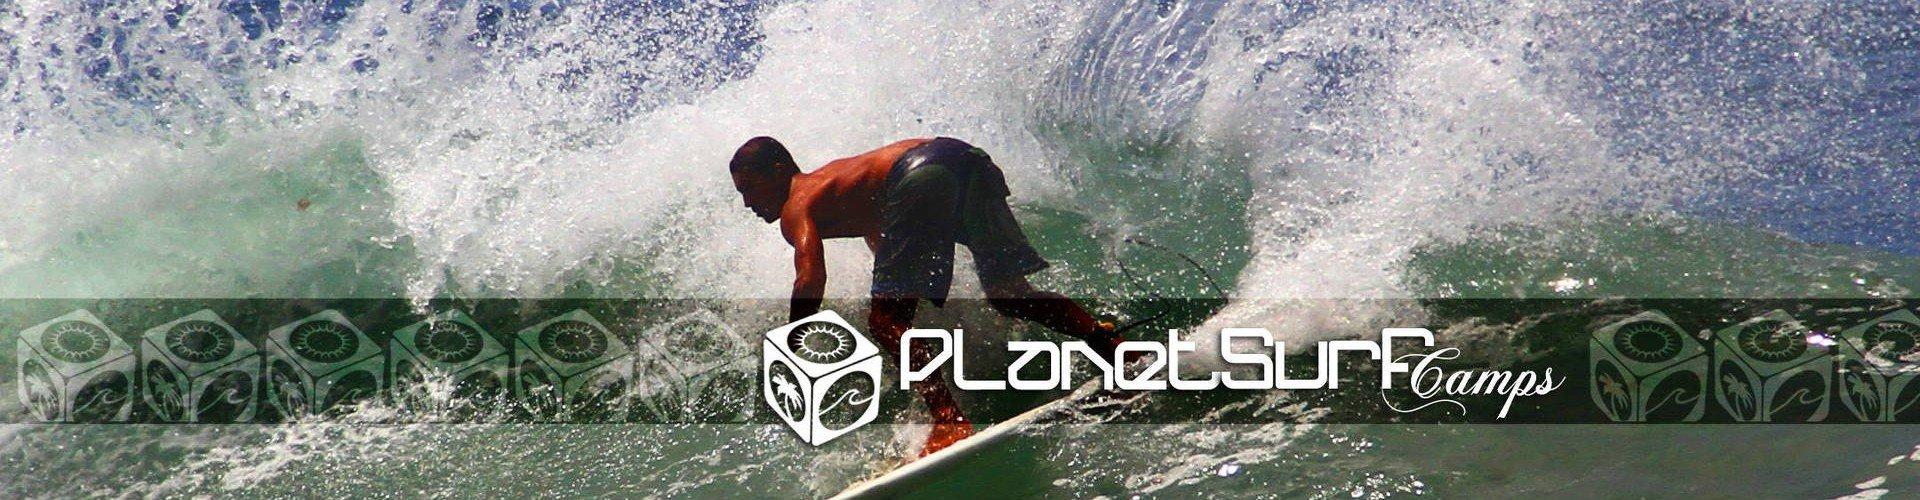 Surfer cualificado cogiendo una ola